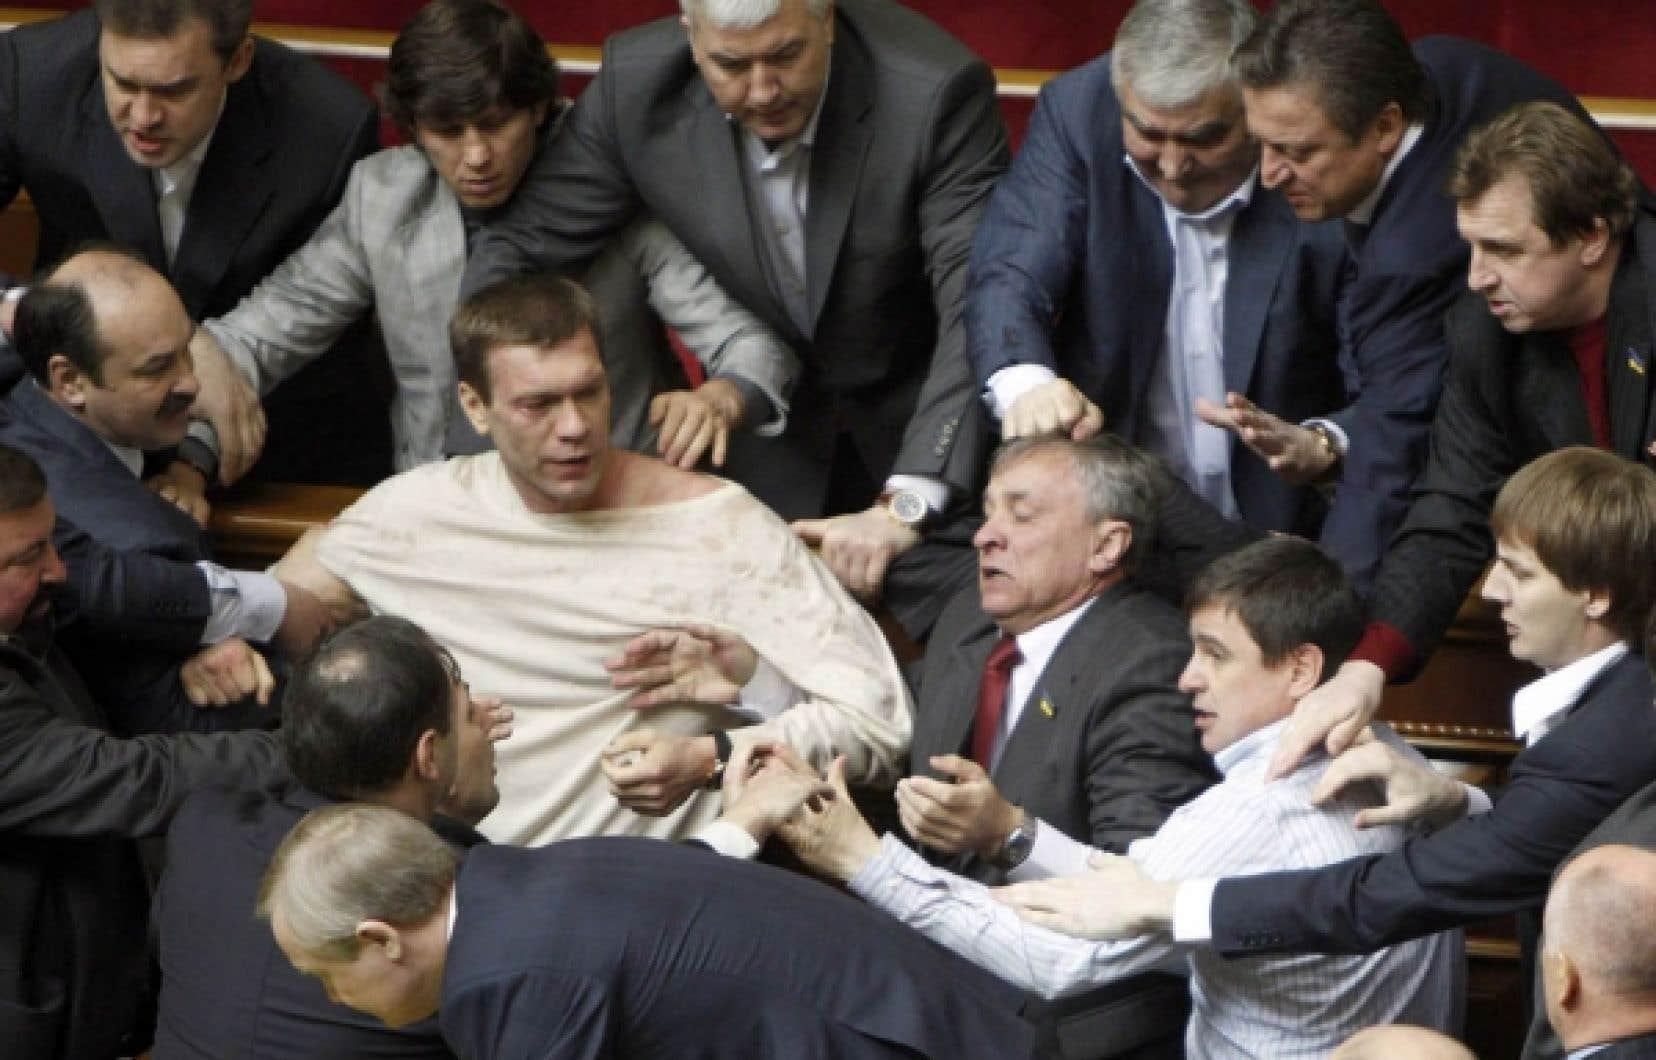 Fumigènes, œufs, coups de poing, morsures: l'hémicyle ukrainien s'est transformé en foire d'empoigne hier